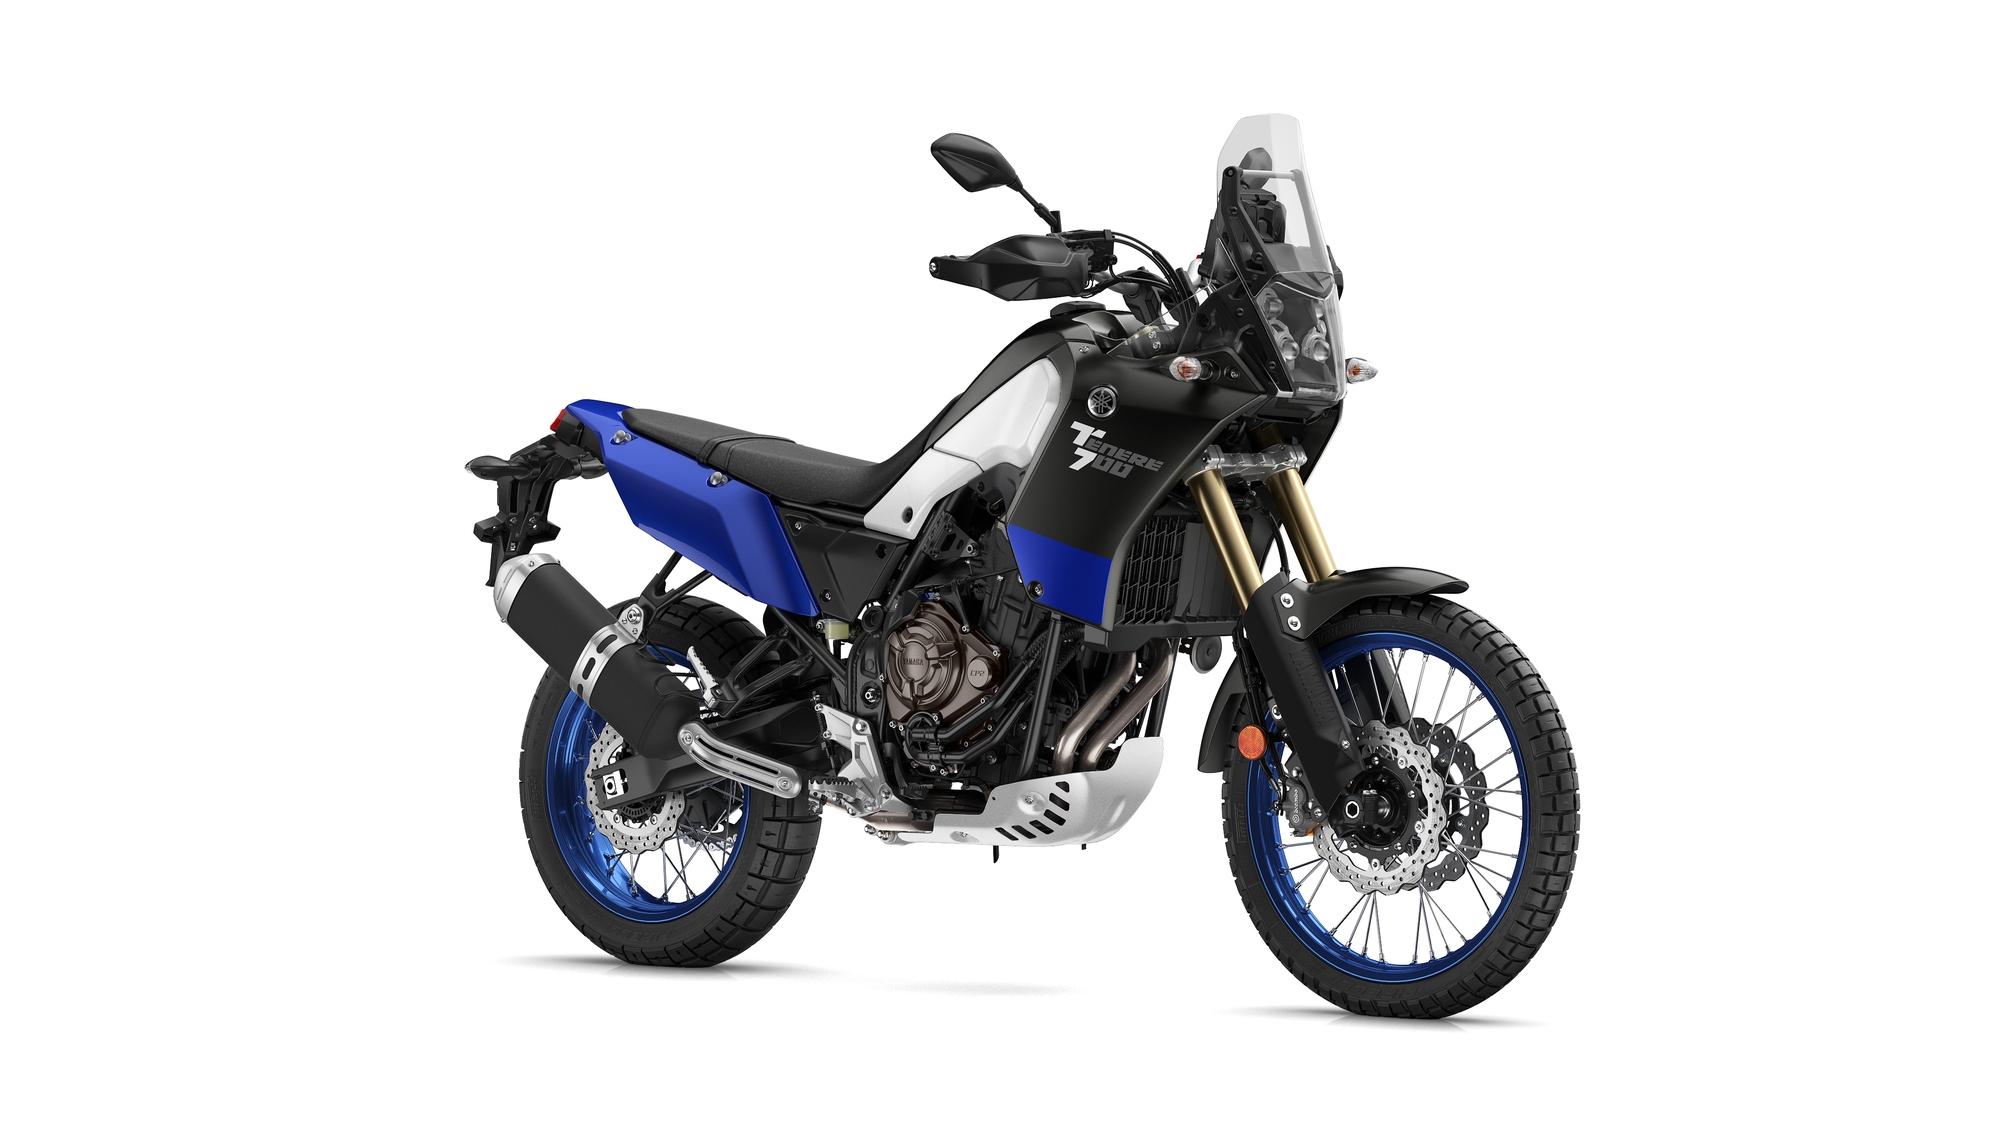 ヤマハの新型tenere700 テネレ700 の情報まとめ 発表日は2019年末 発売